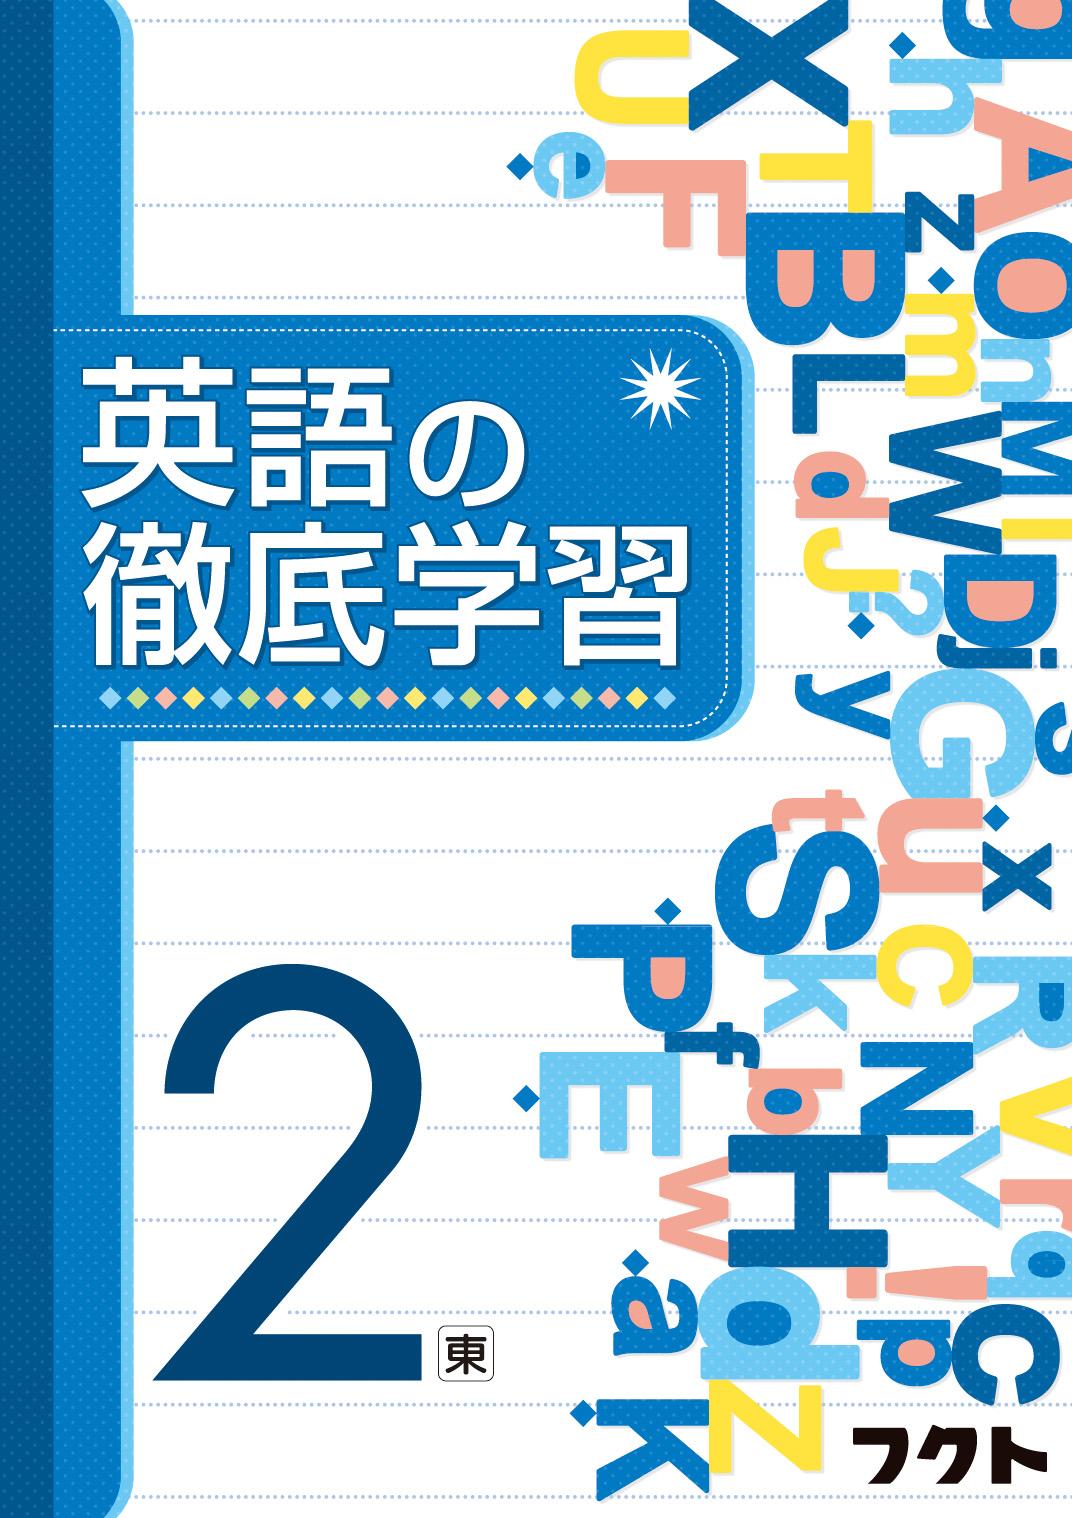 英語の徹底学習(東京書籍版/開隆堂版/三省堂版) <2年生>